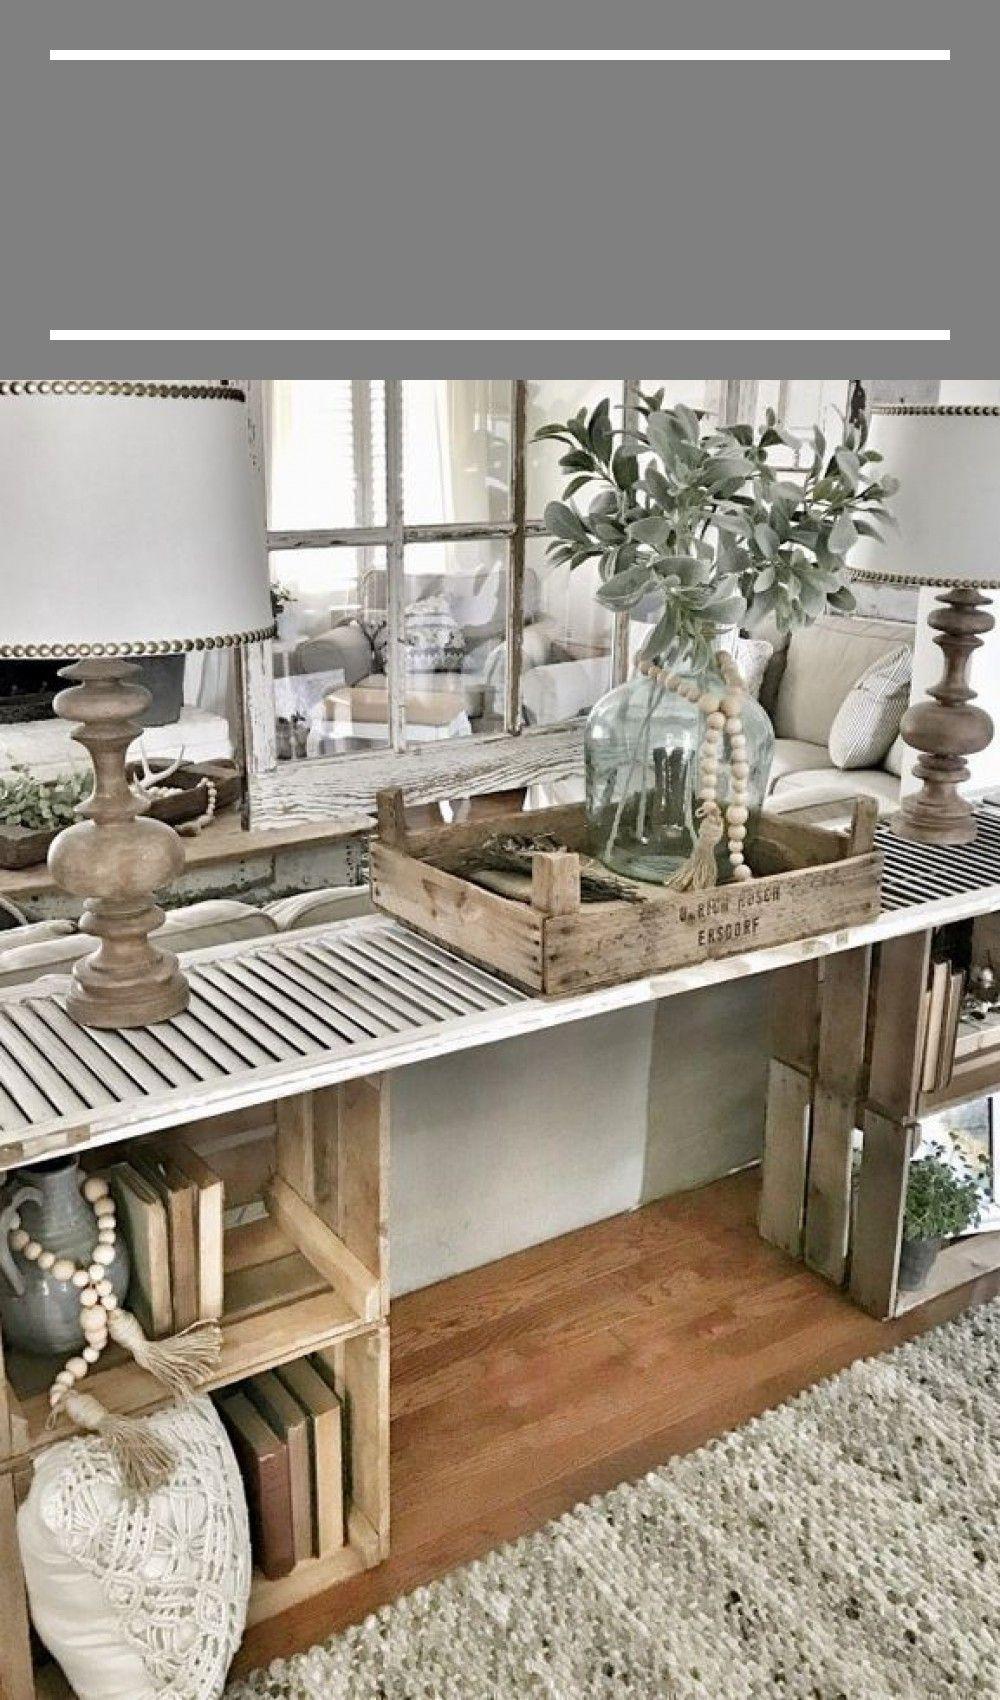 farmhouse table centerpiece hobby lobby in 2020 Farm